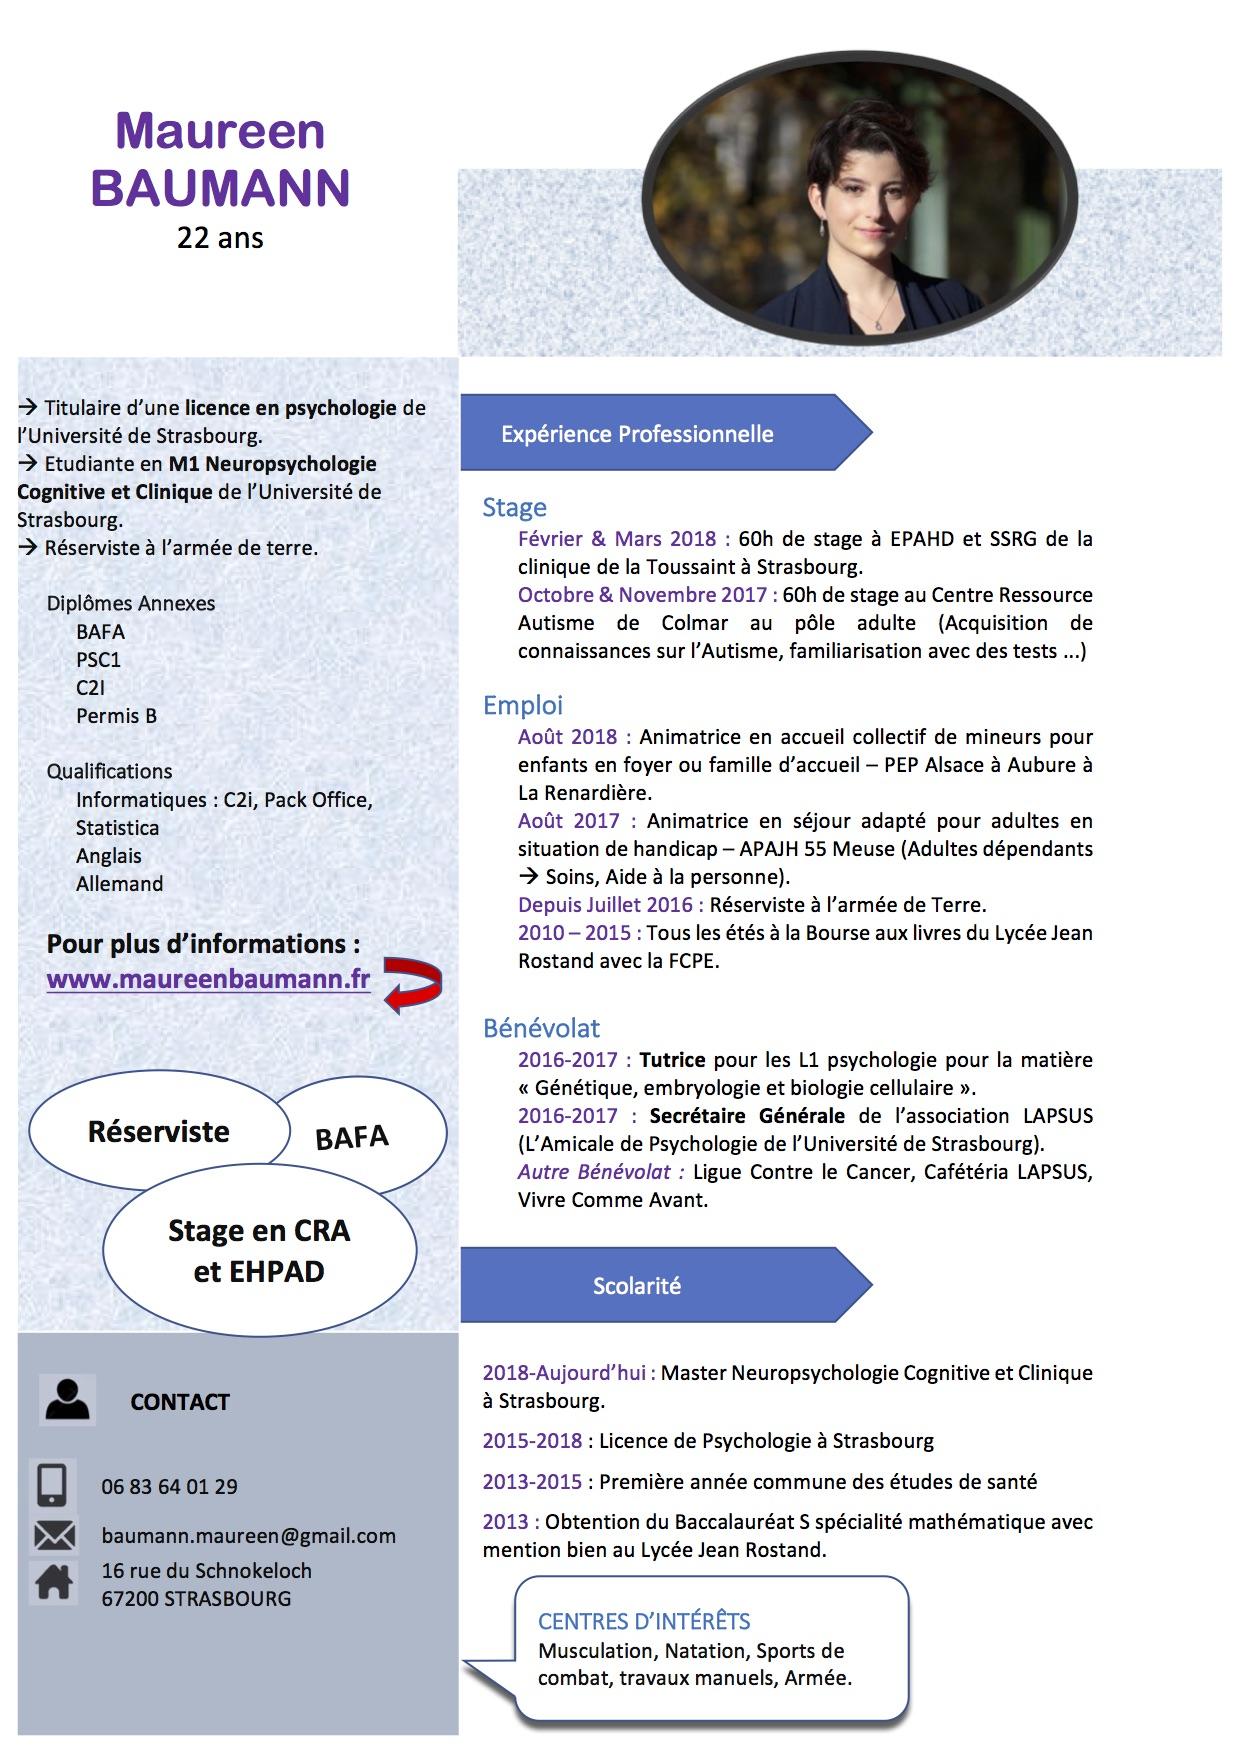 maureen baumann  u2013 etudiante en master 1 de